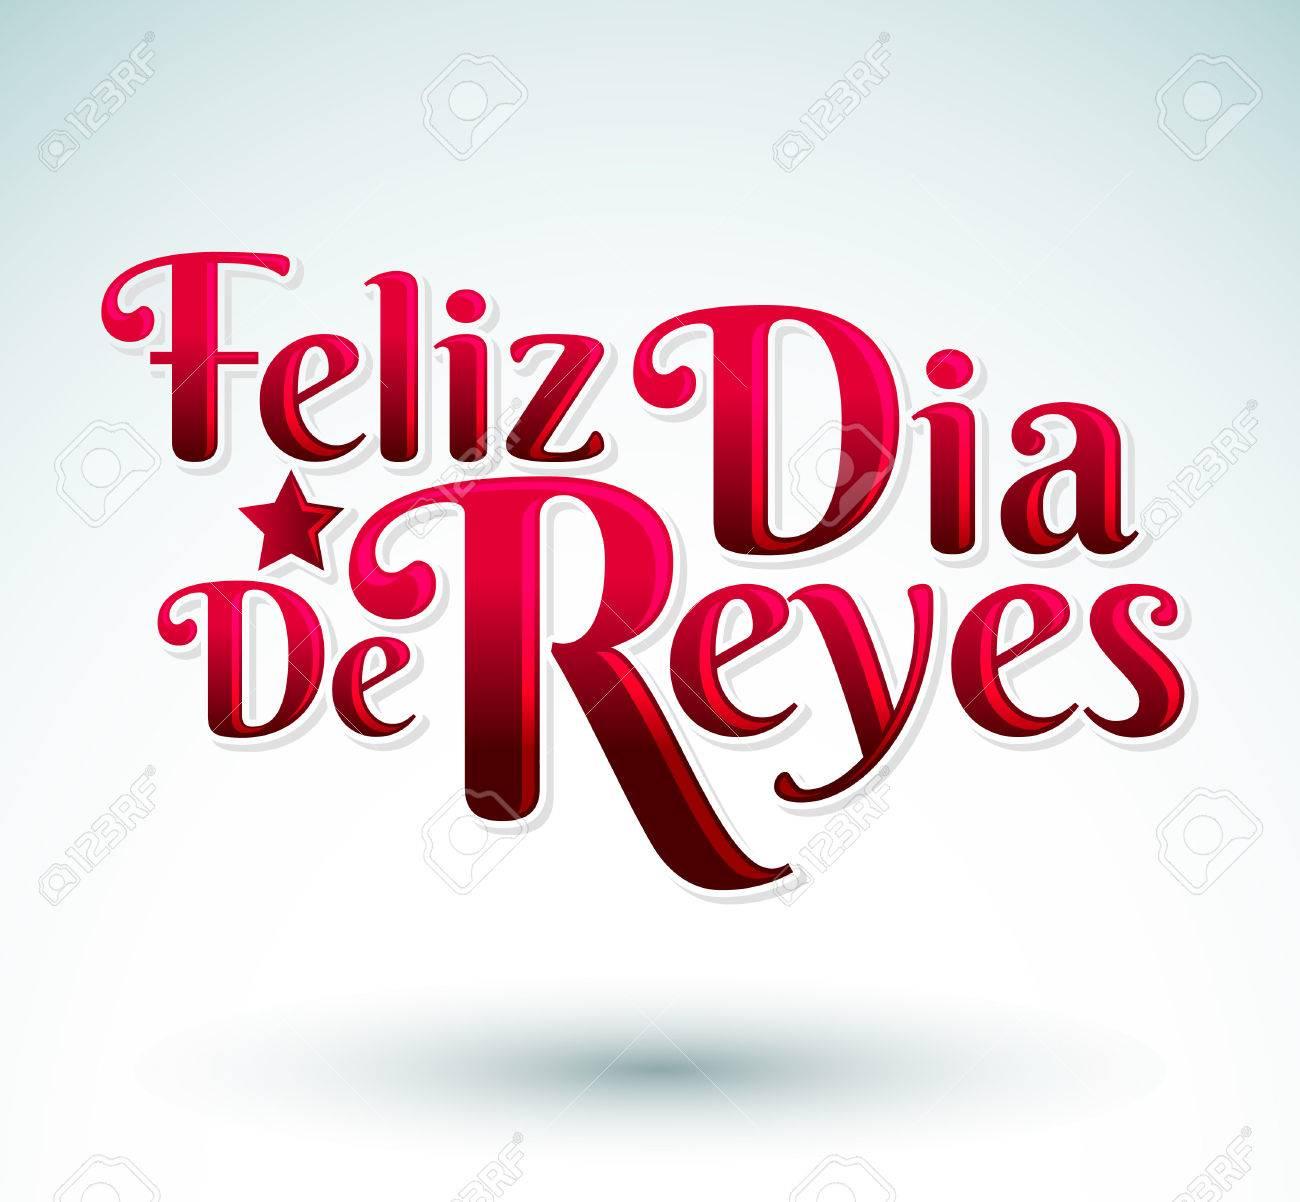 Dias De Reyes Magos Descargar feliz dia de reyes - feliz día de reyes texto español - es una tradición  latina para que los niños reciben regalos por los reyes magos en la noche  del